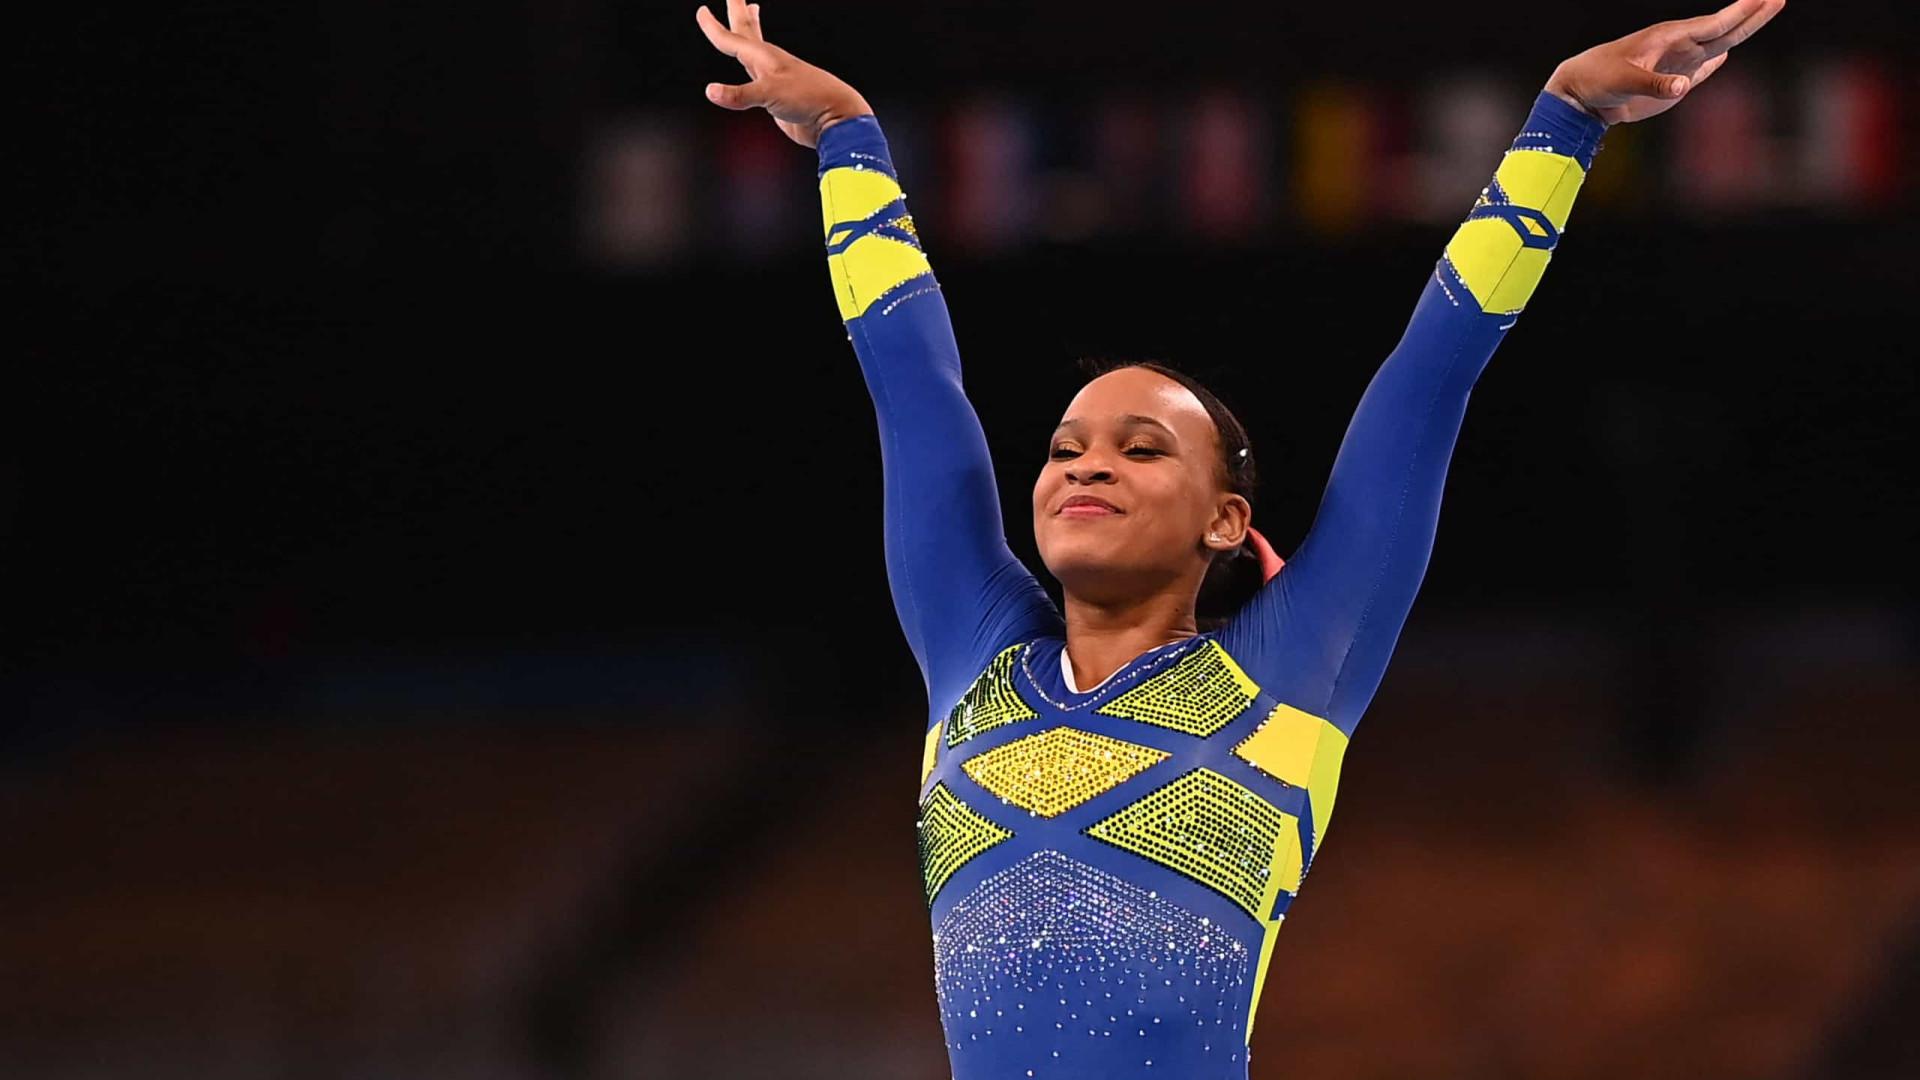 Rebeca Andrade faz história e conquista a prata na ginástica em Tóquio